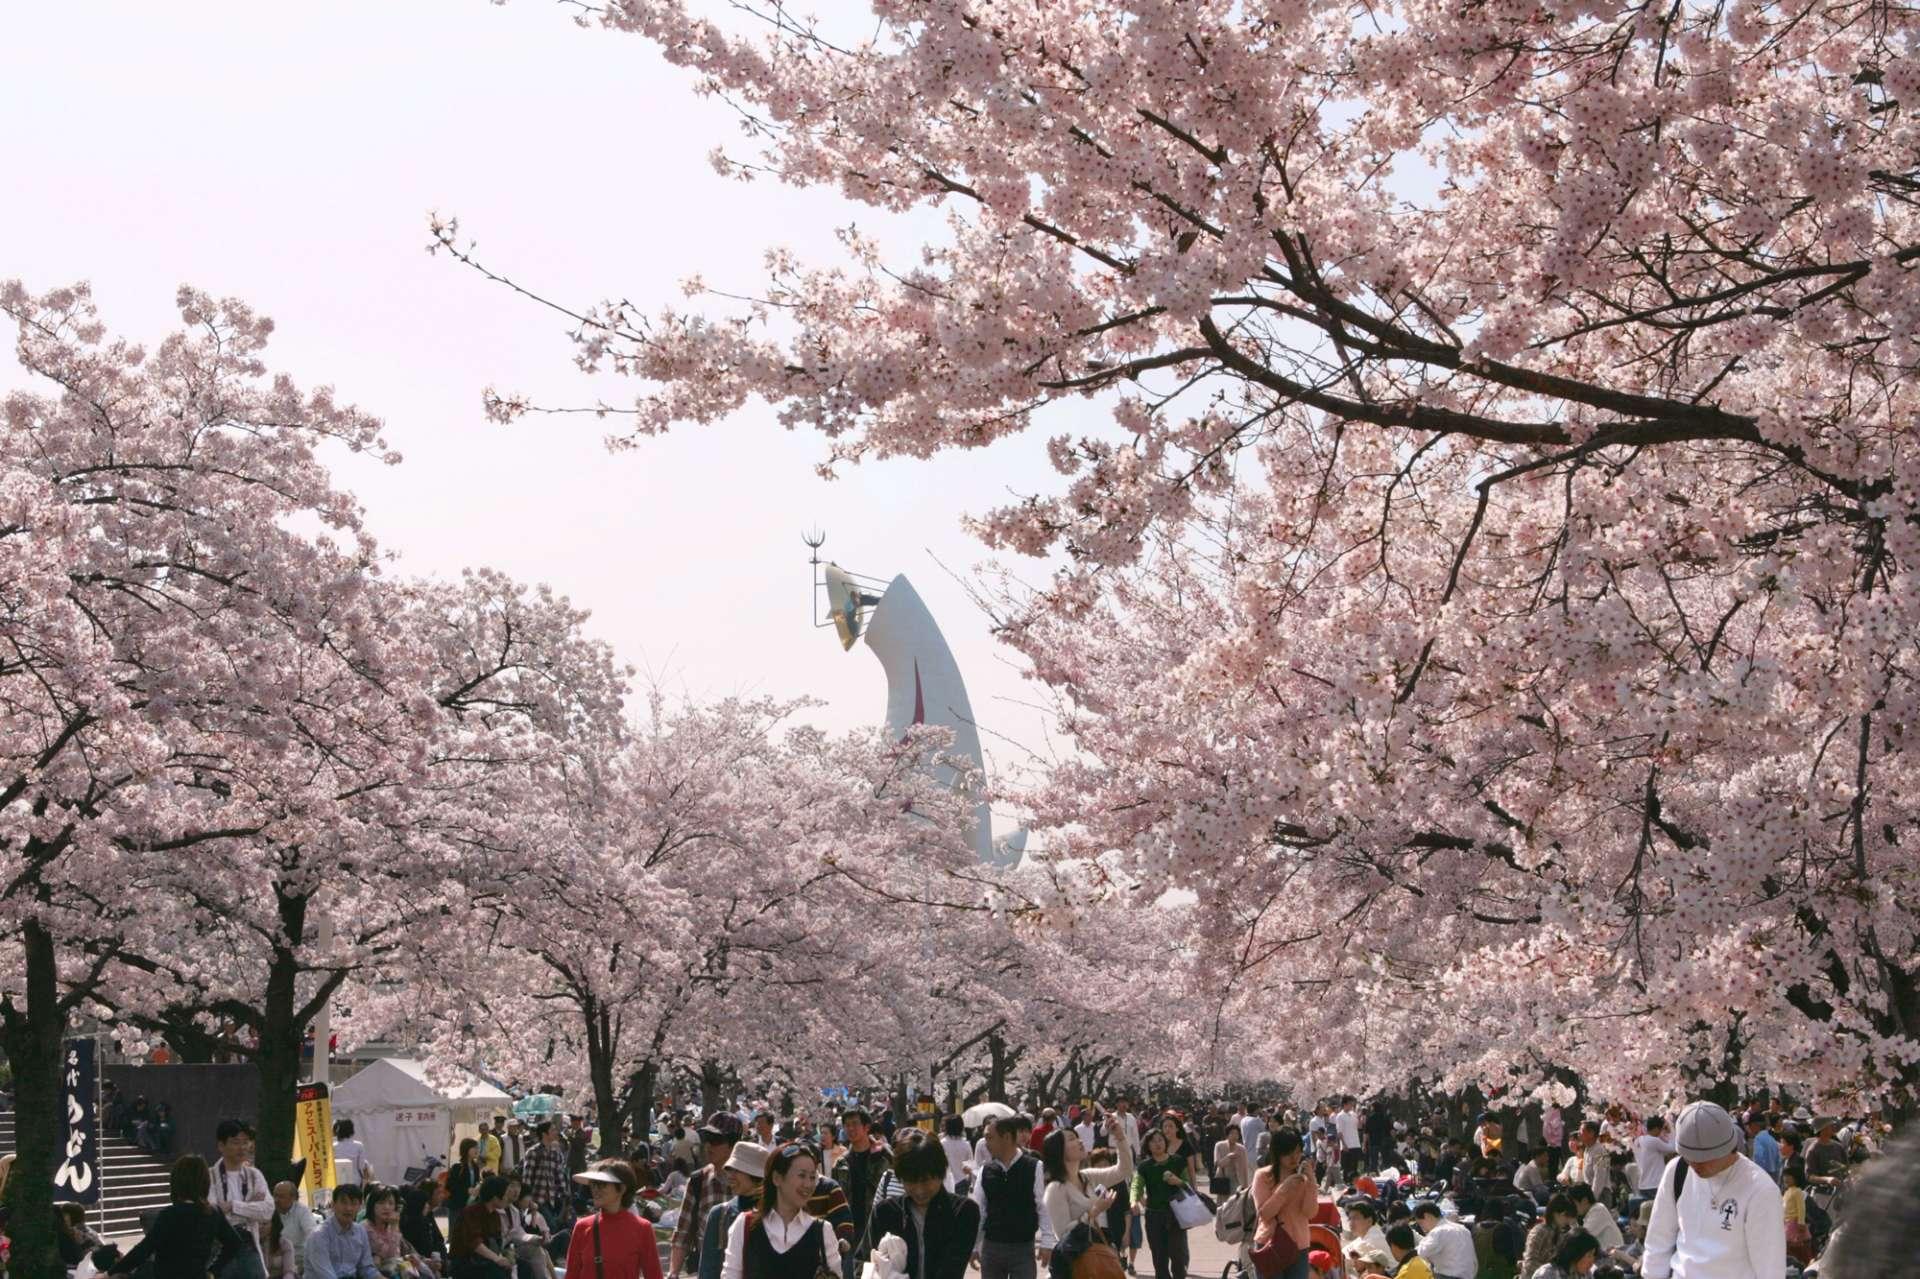 能欣賞約5,500棵櫻花的萬博紀念公園